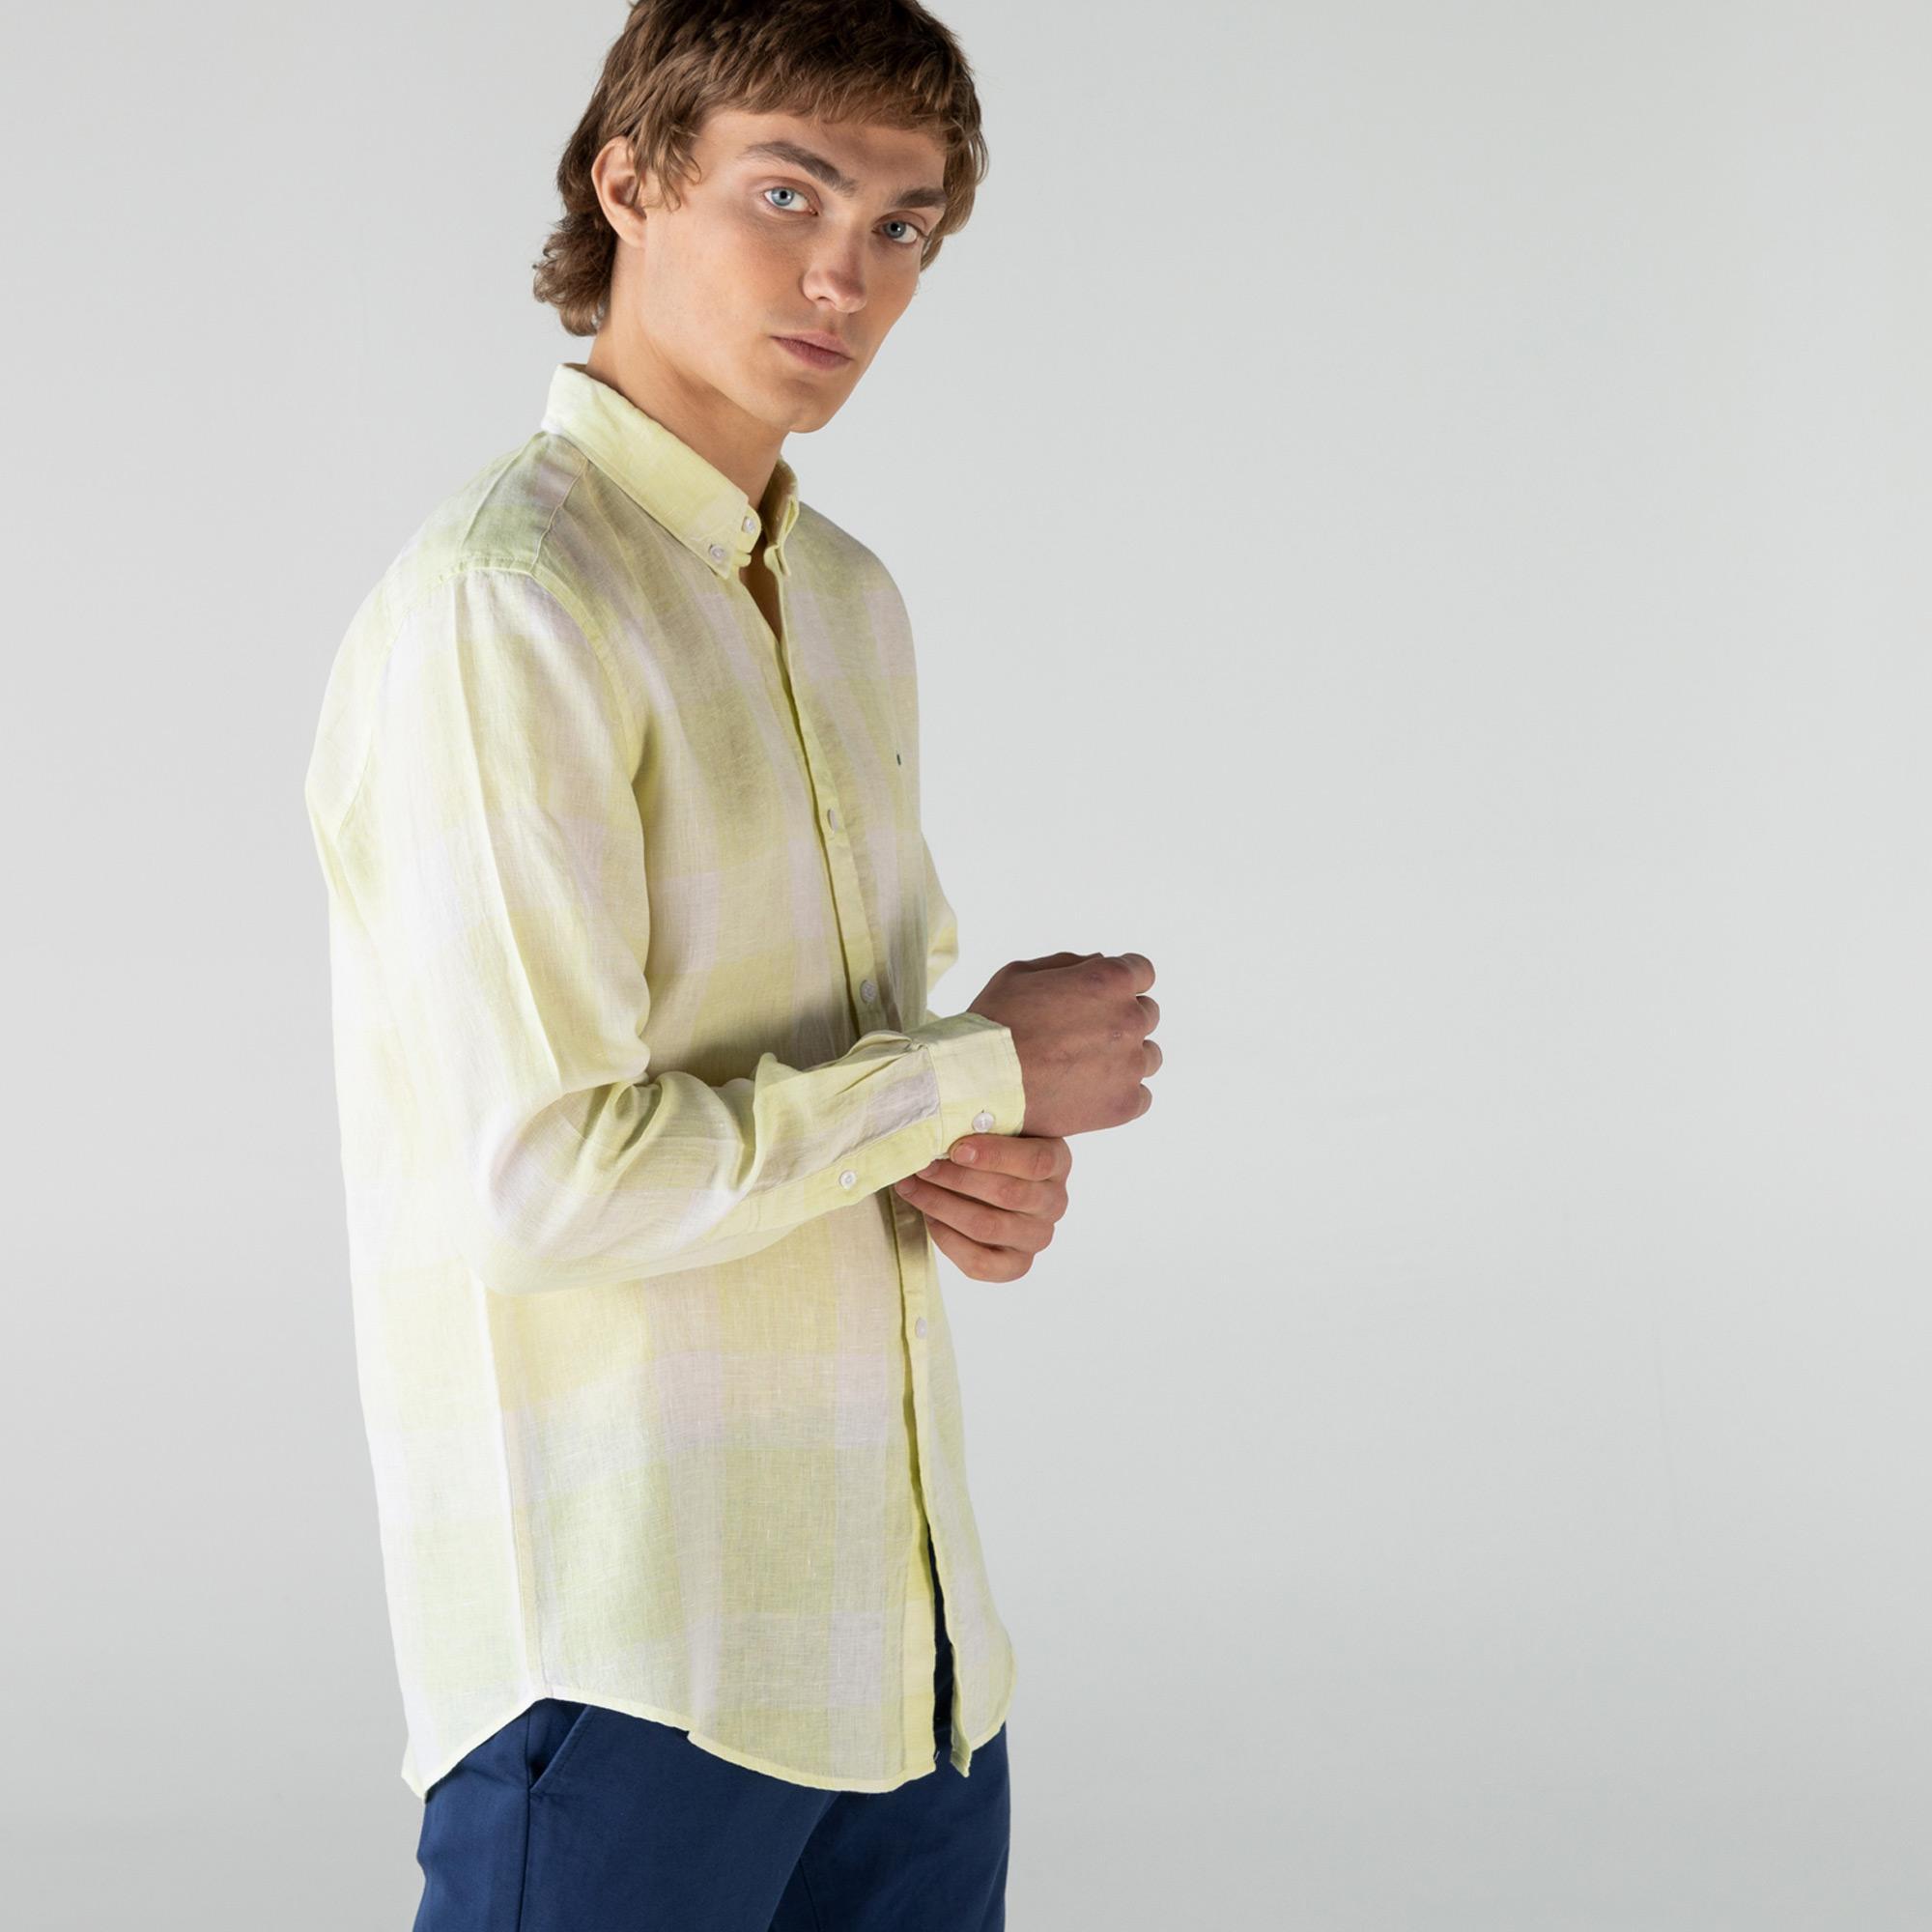 Lacoste Erkek Regular Fit Keten Ekose Desenli Sarı Gömlek